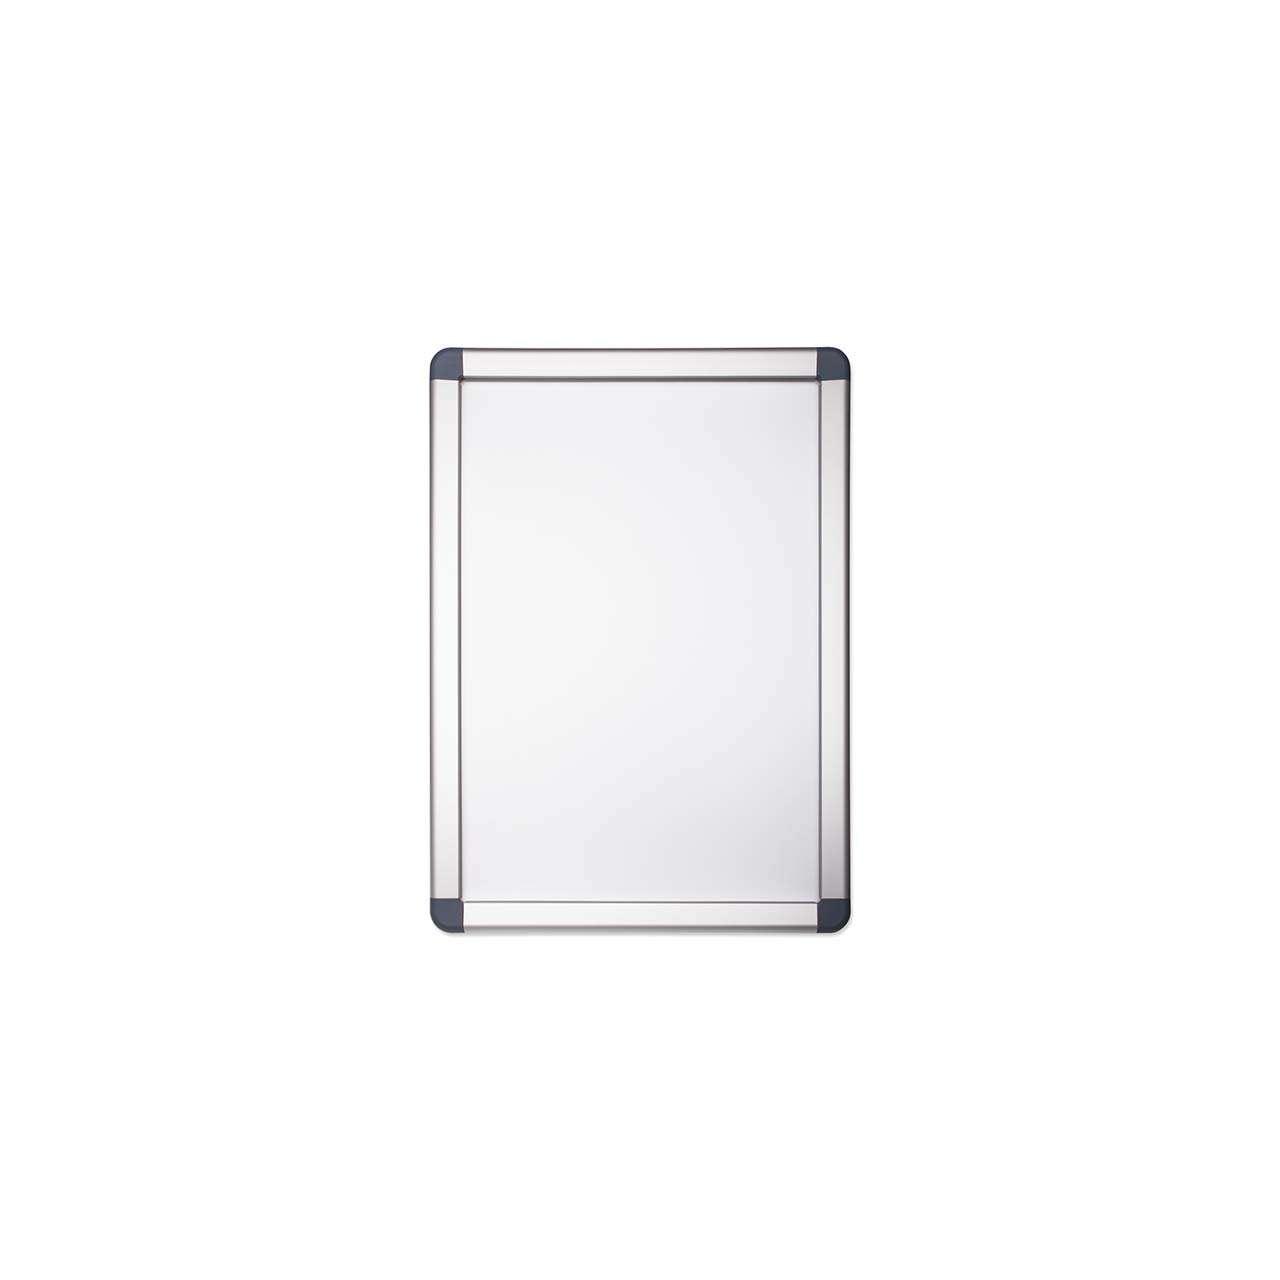 Alu-Plakatrahmen DIN A2 (420 x 594 mm)   Plakatrahmen DIN A2 ...